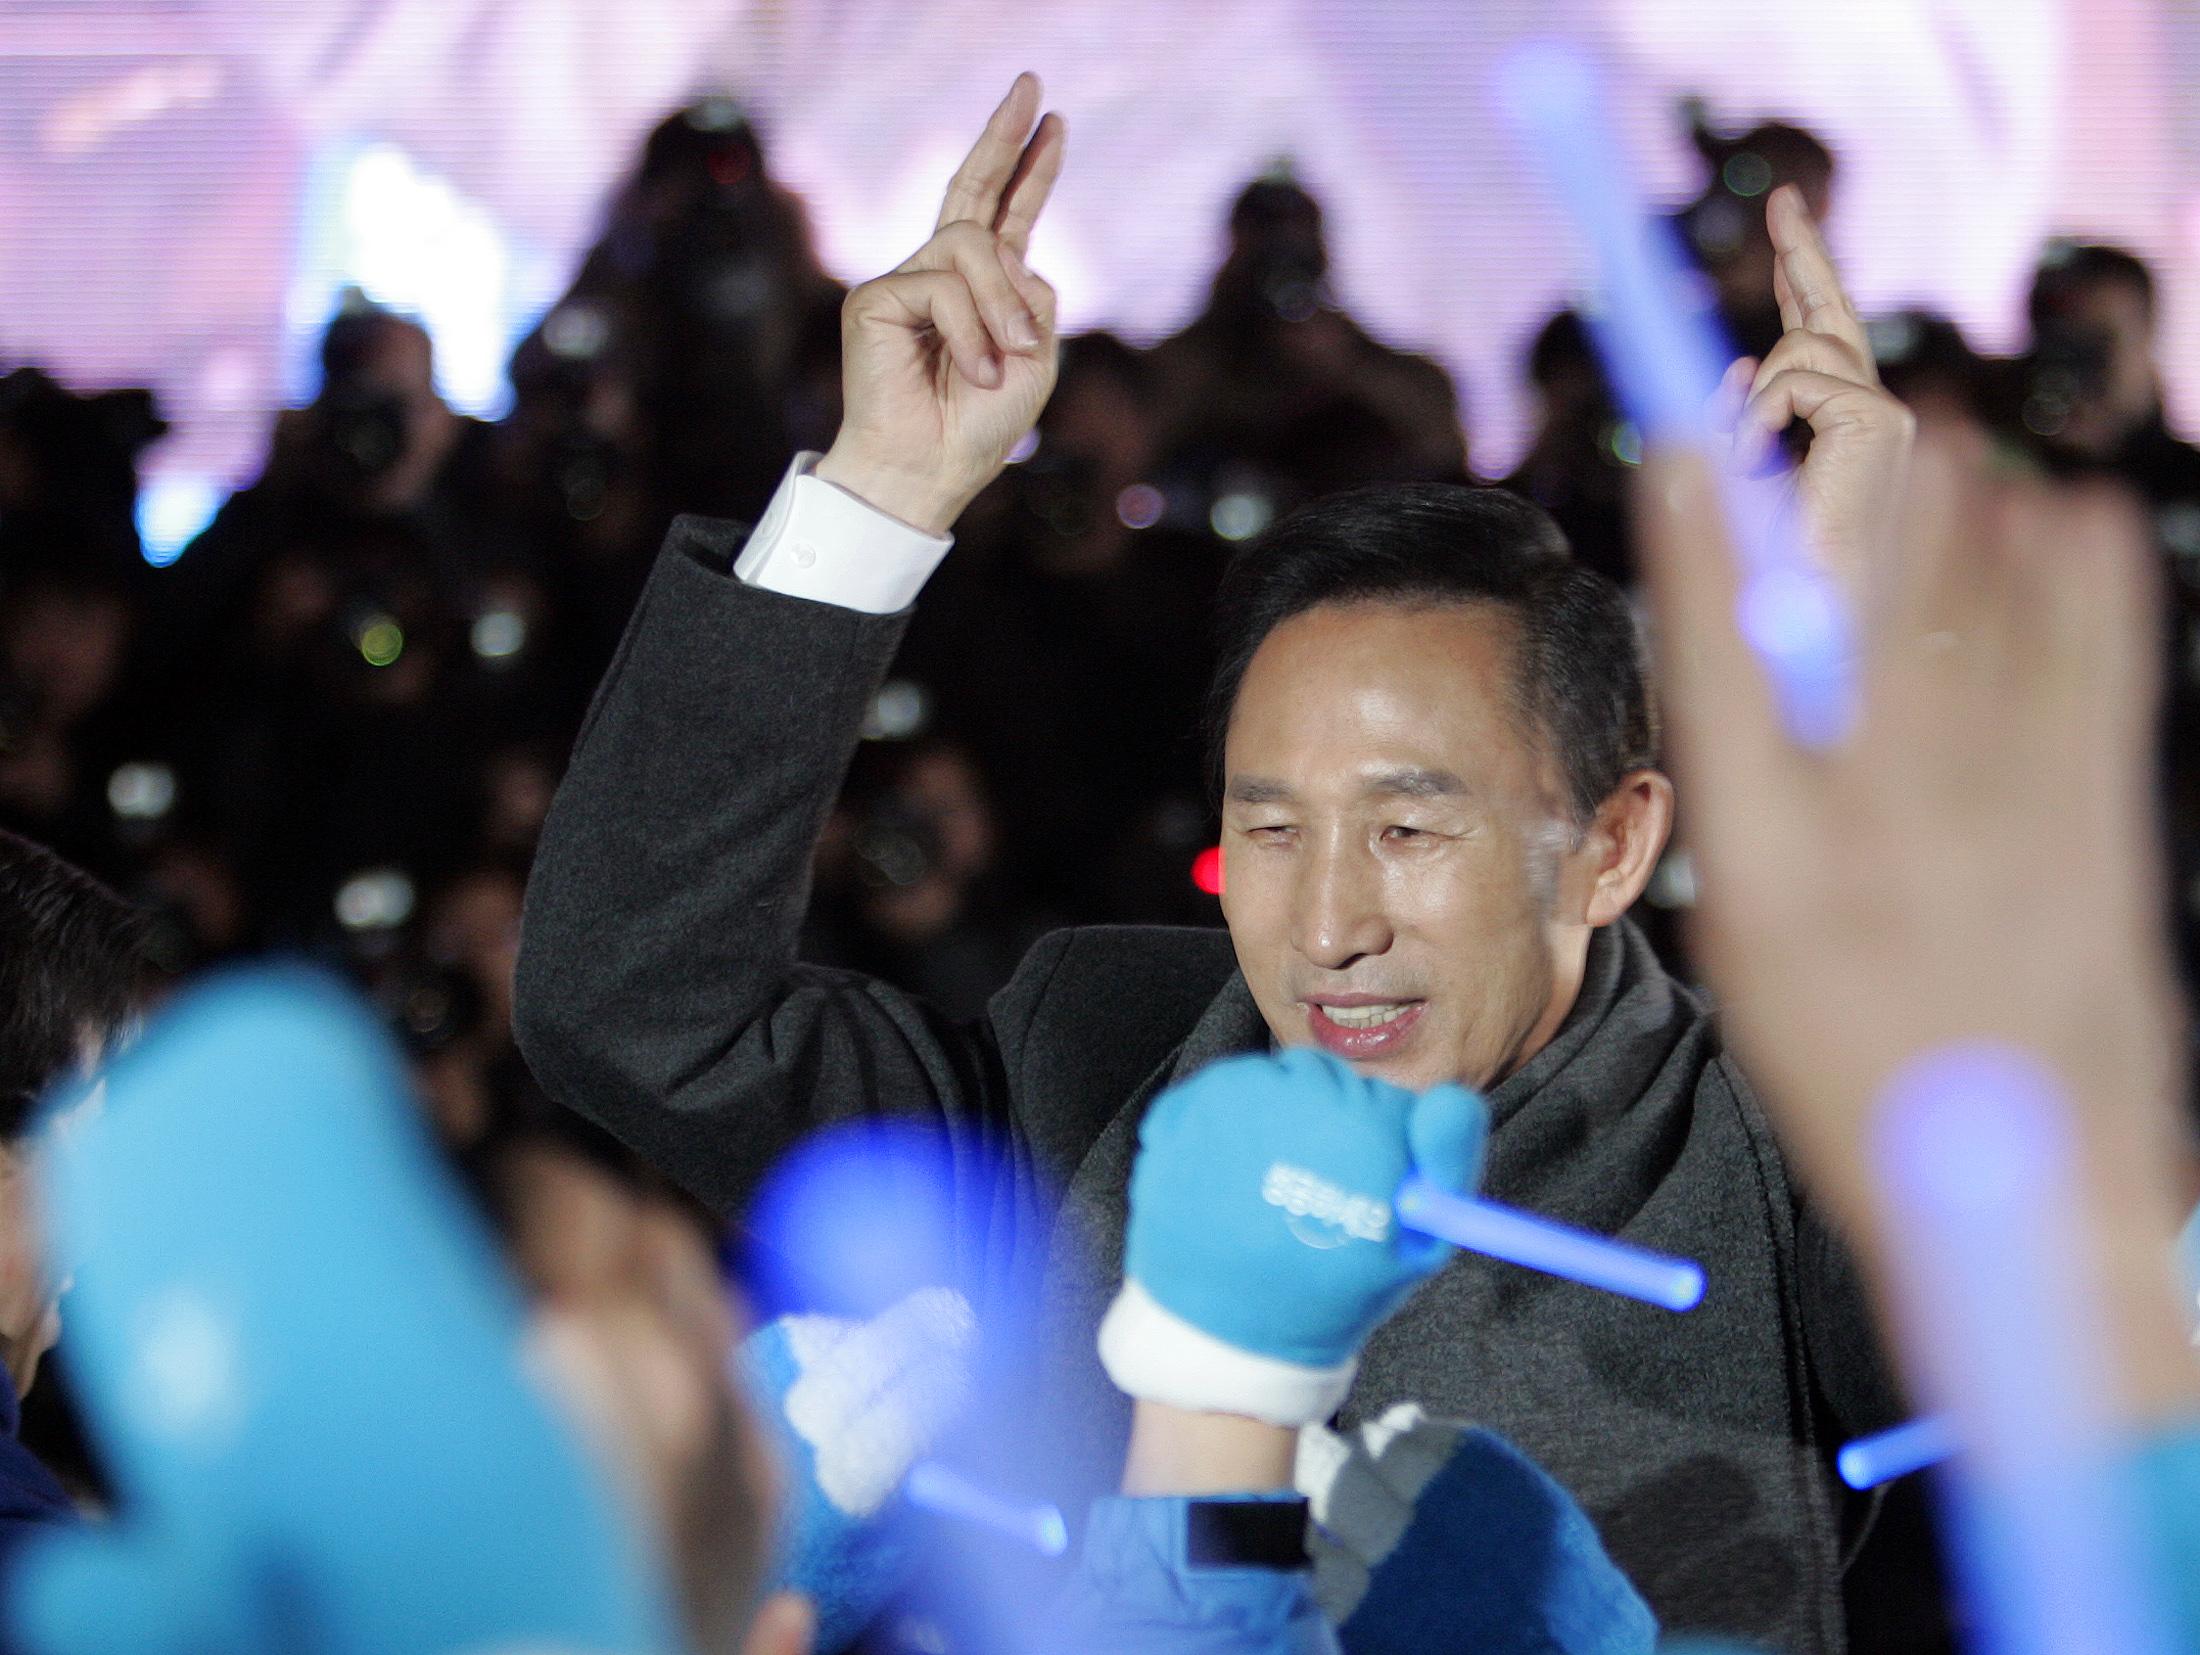 2007年12月韓國大選,李明博以壓倒性姿態勝出成為總統。(路透社)